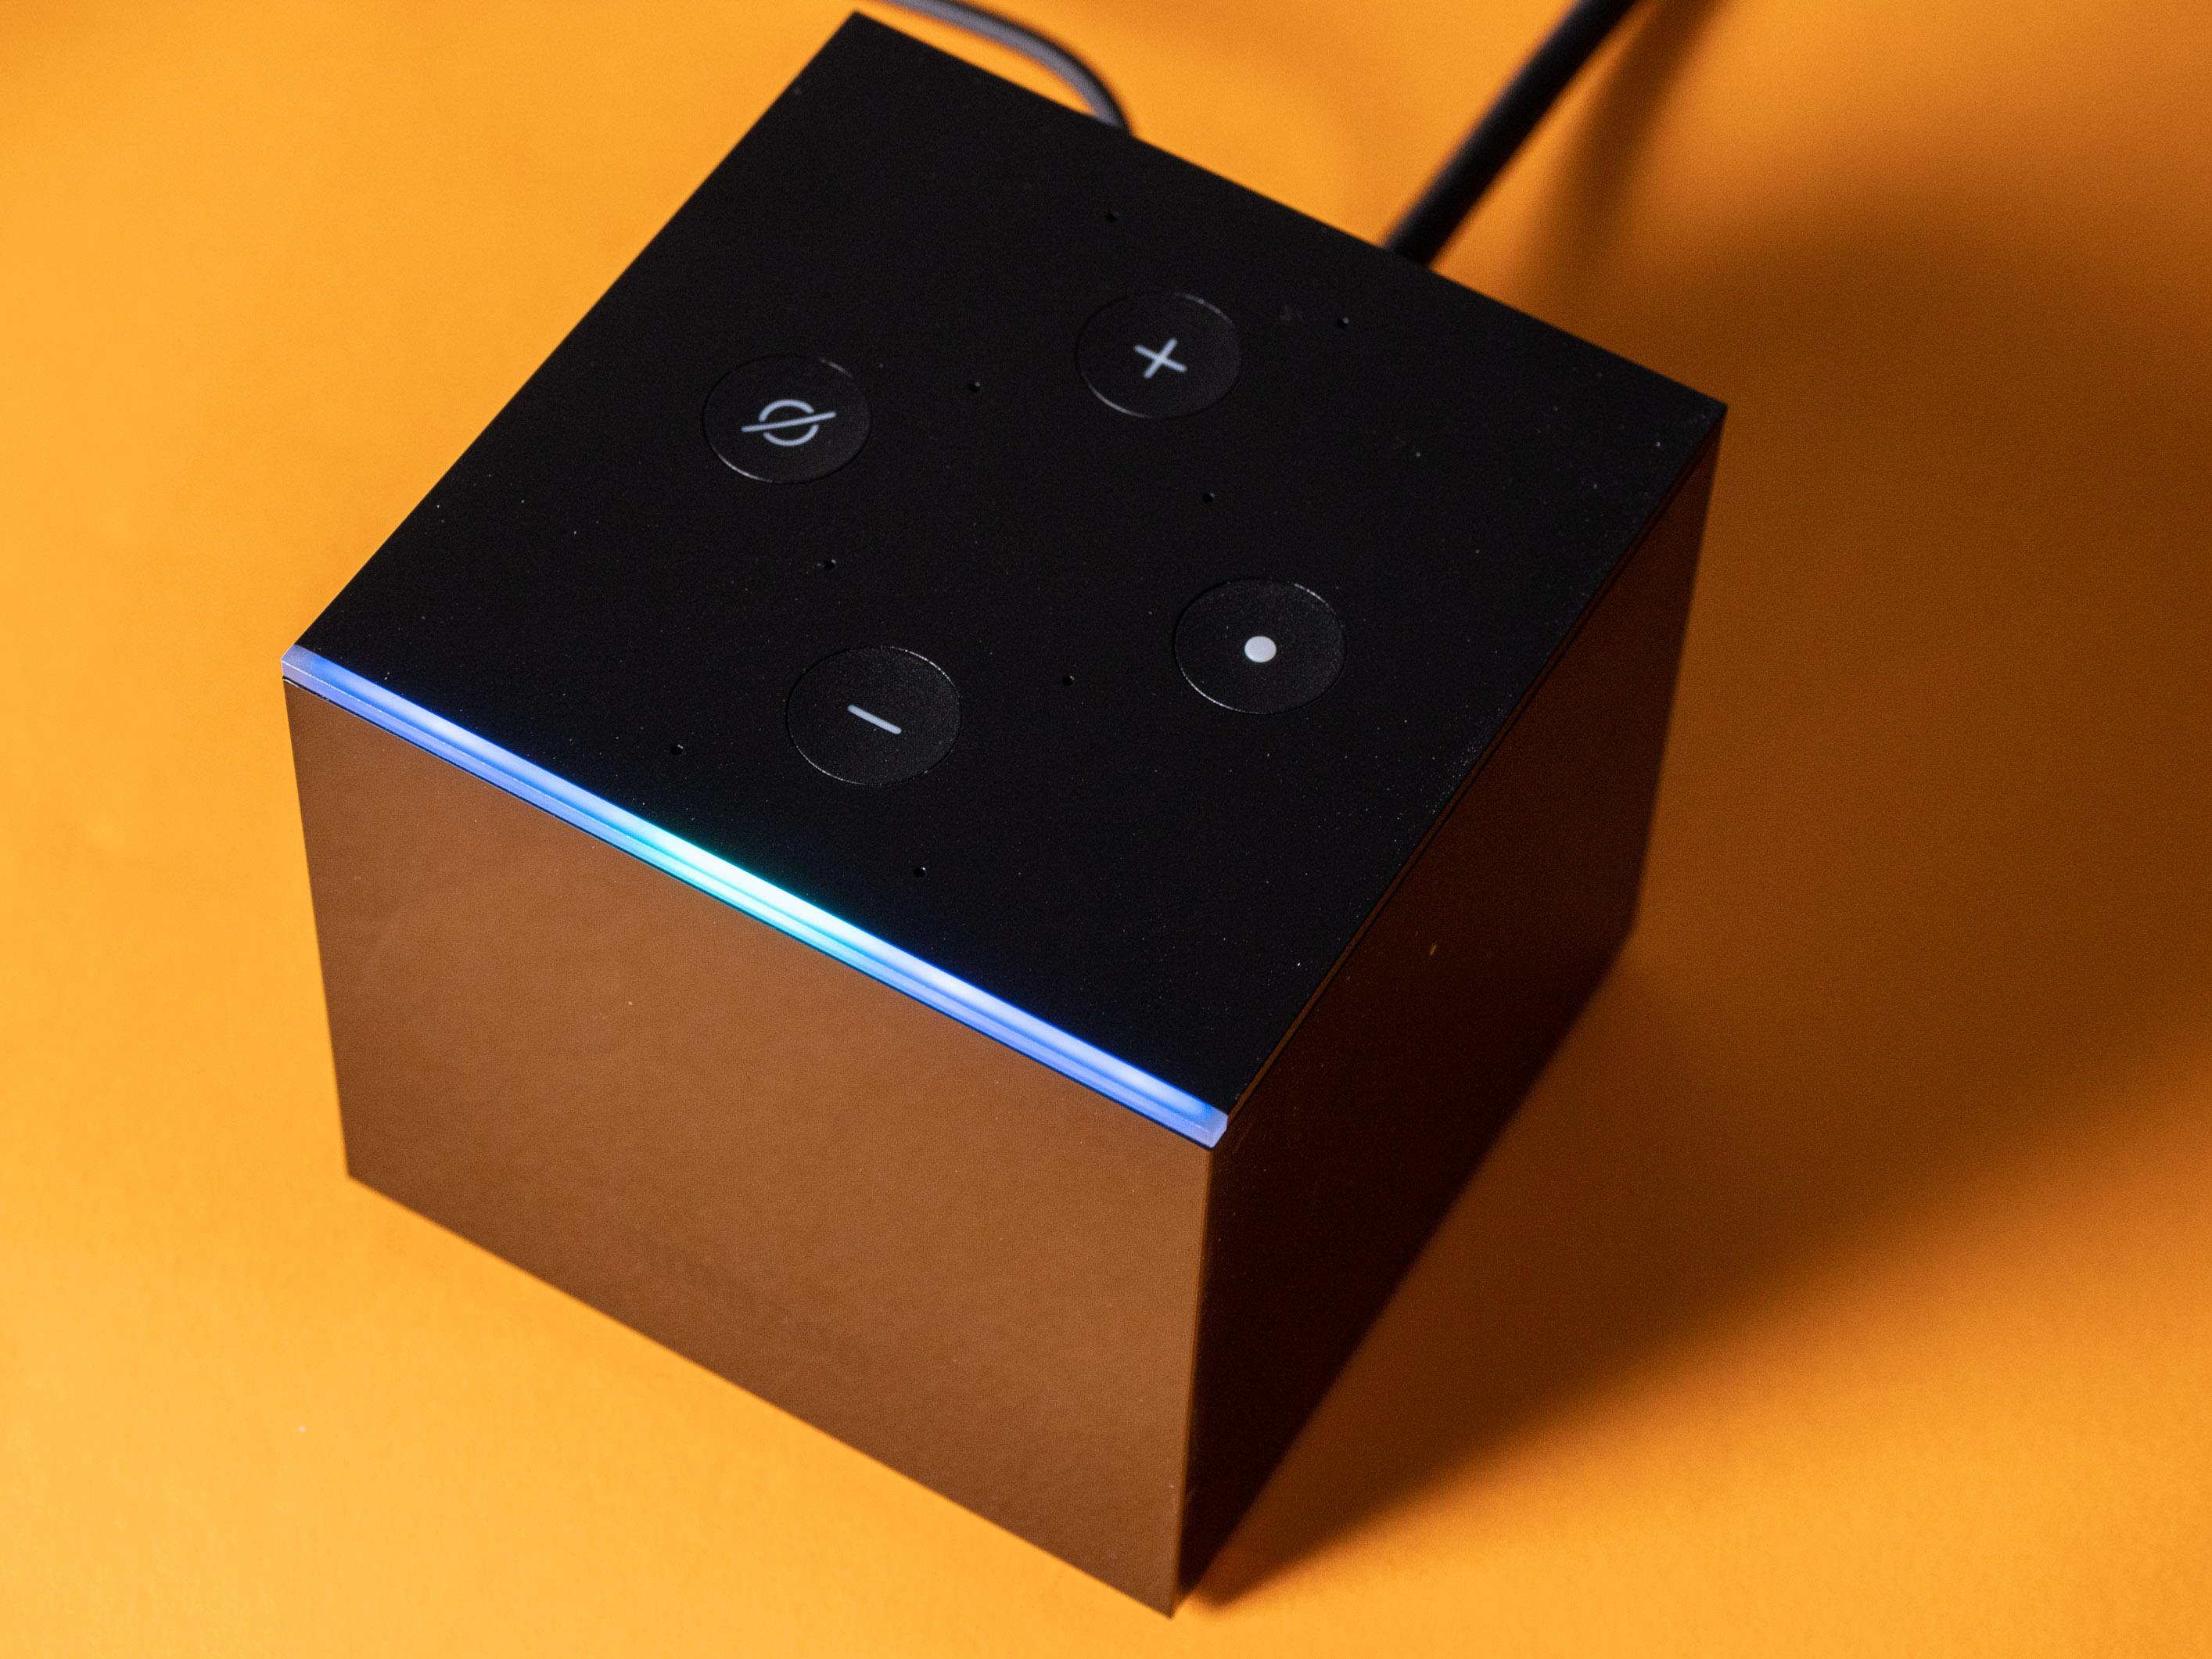 Fire TV Cube im Praxistest: Das beste Fire TV mit fast perfekter Alexa-Sprachsteuerung - Der Fire TV hat die typischen Tasten eines Echo-Lautsprechers und vorne eine LED-Kante. (Bild: Martin Wolf/Golem.de)